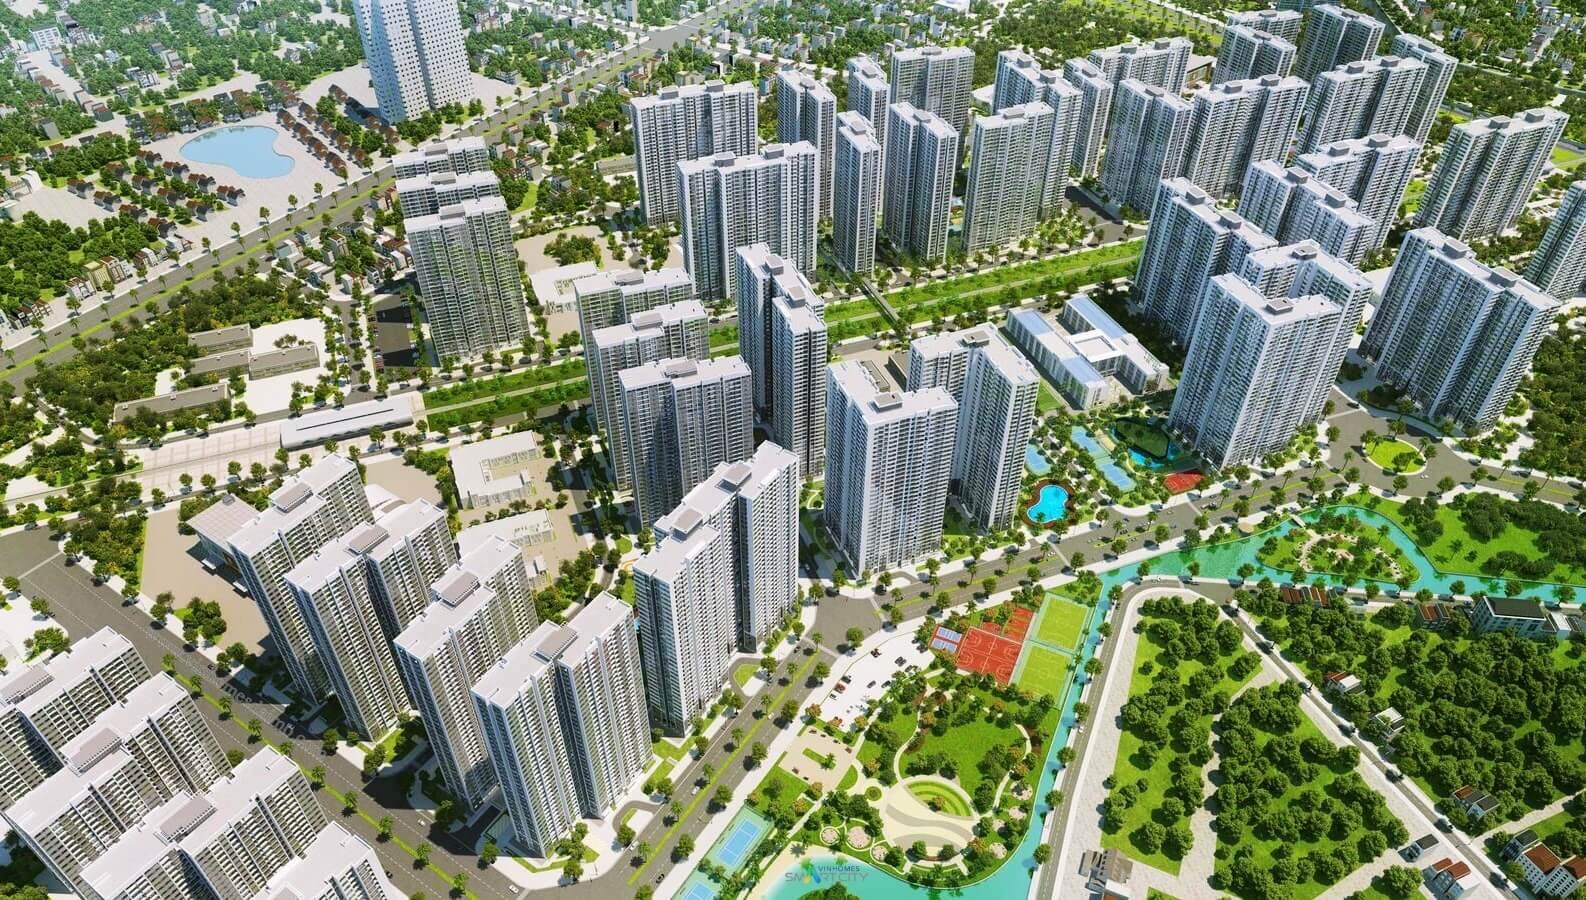 Tổng thể toà chung cư Vinhomes Smart City Tây Mỗ